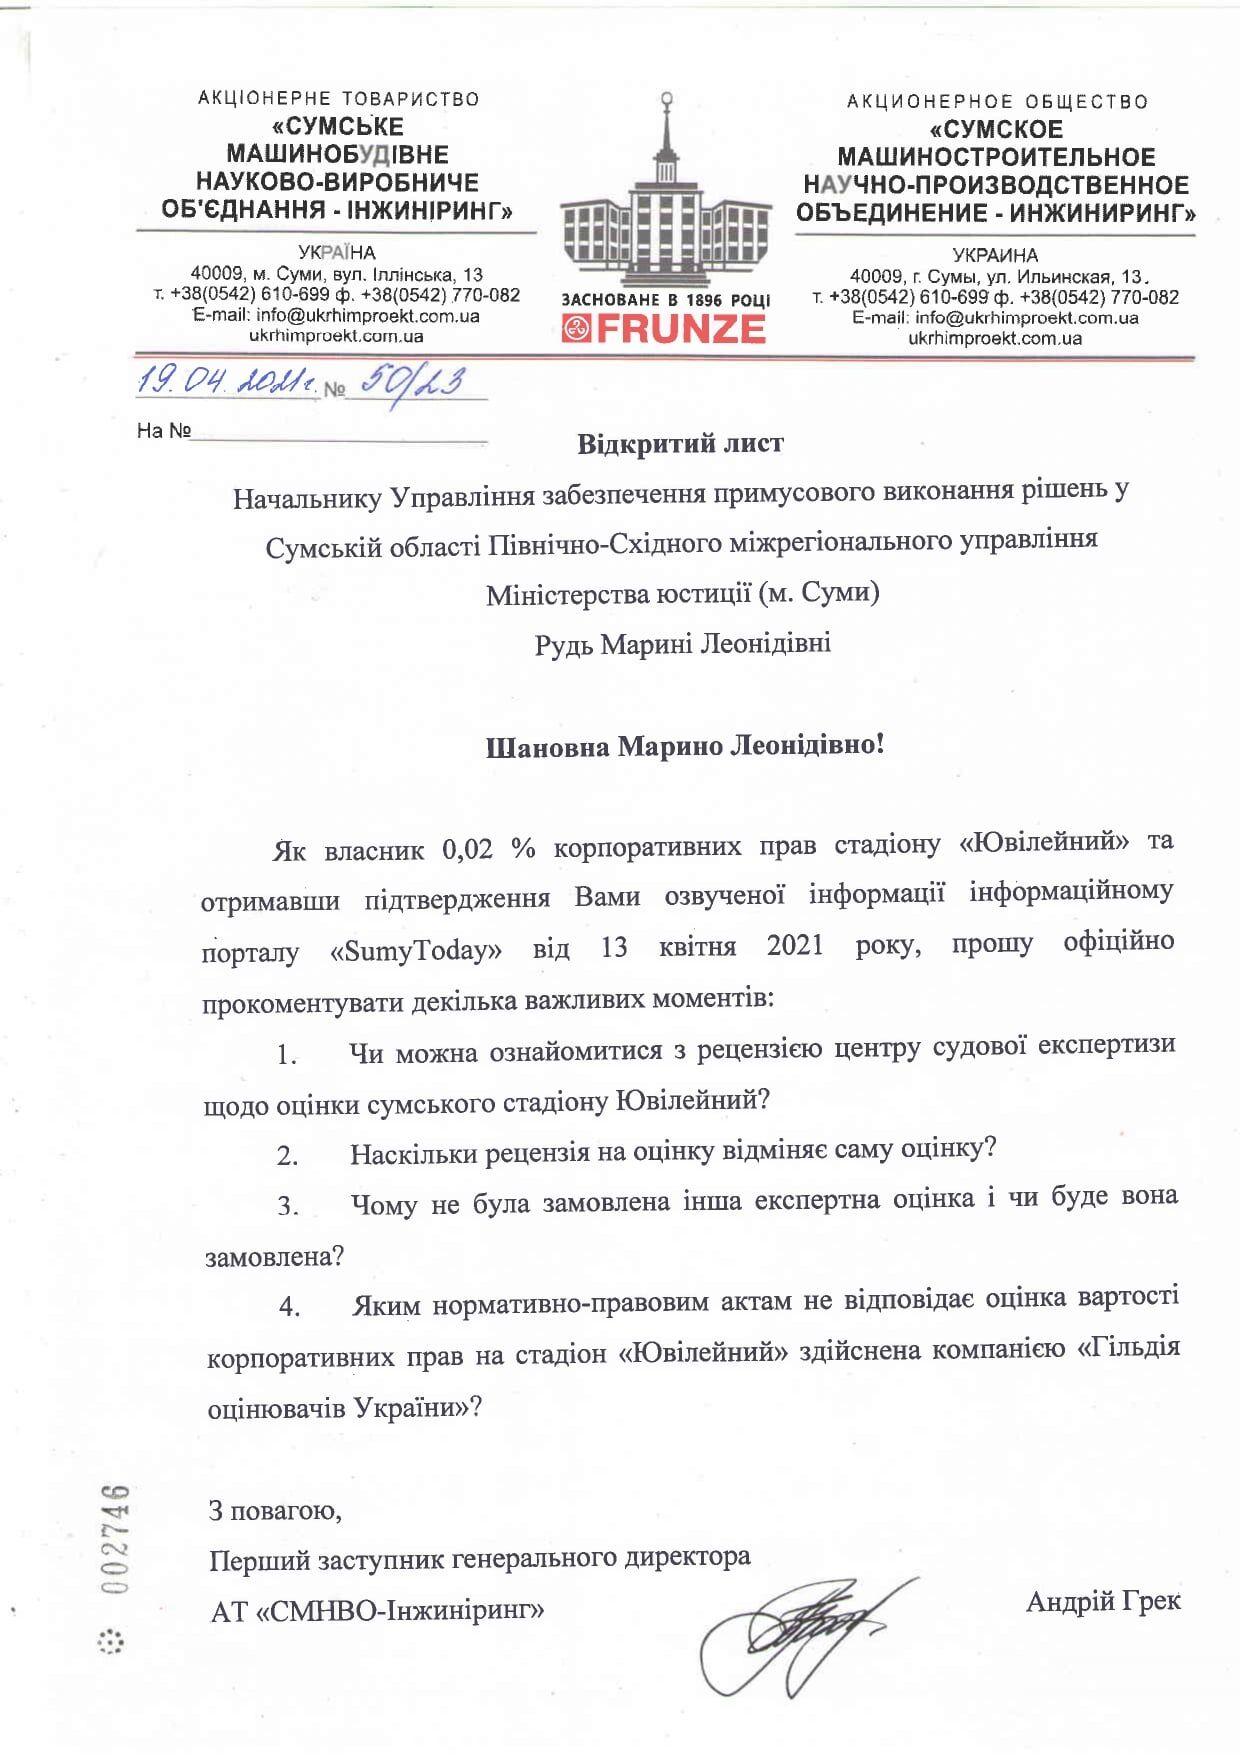 відкритий_лист_грека_марині_рудь.jpg